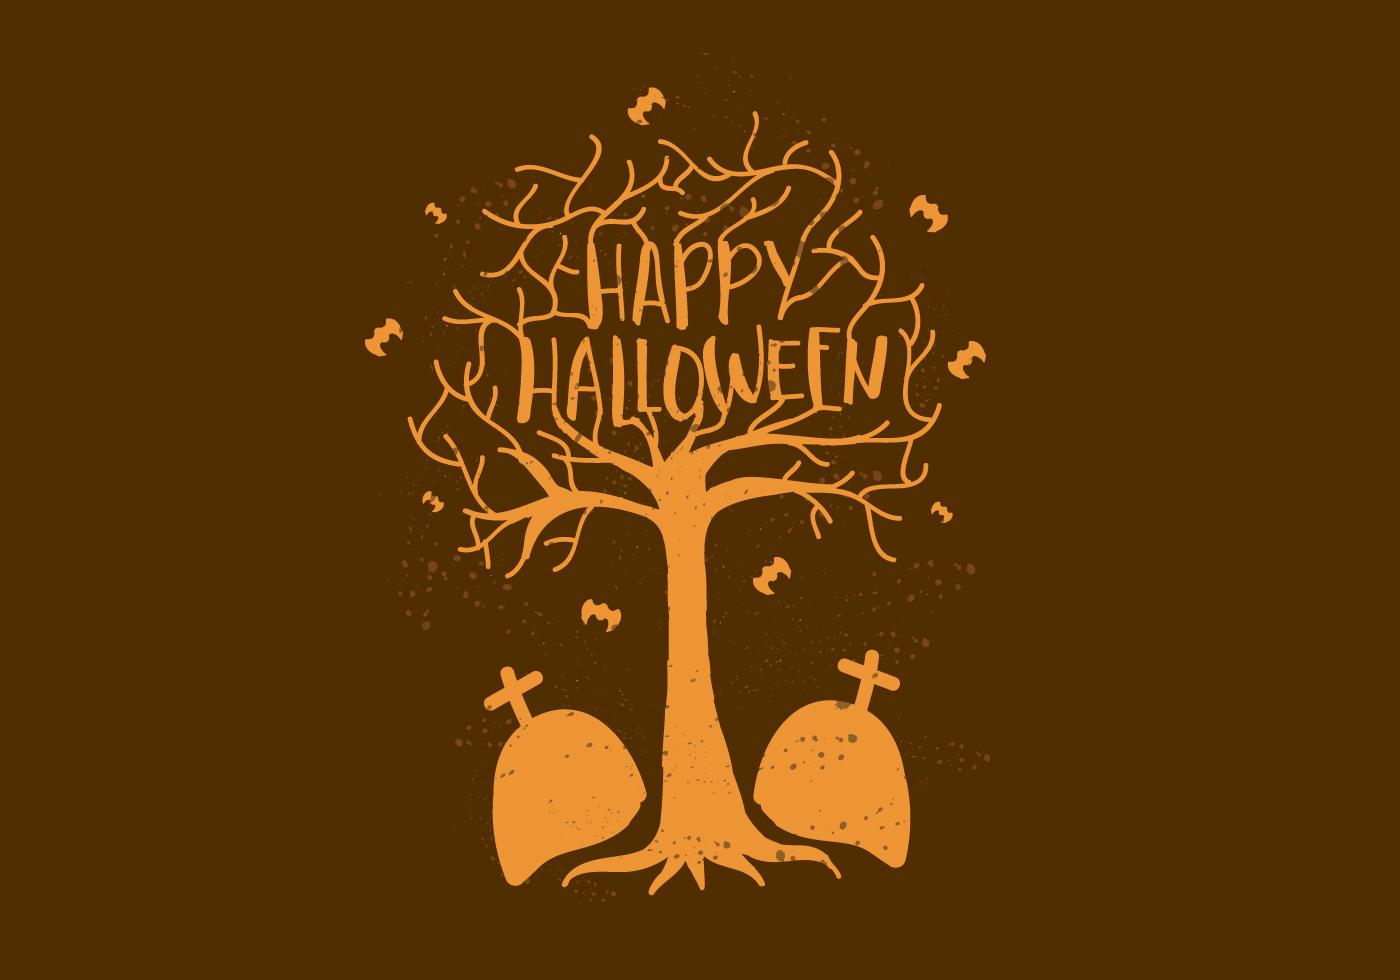 free vector happy halloween wallpaper - download free vector art